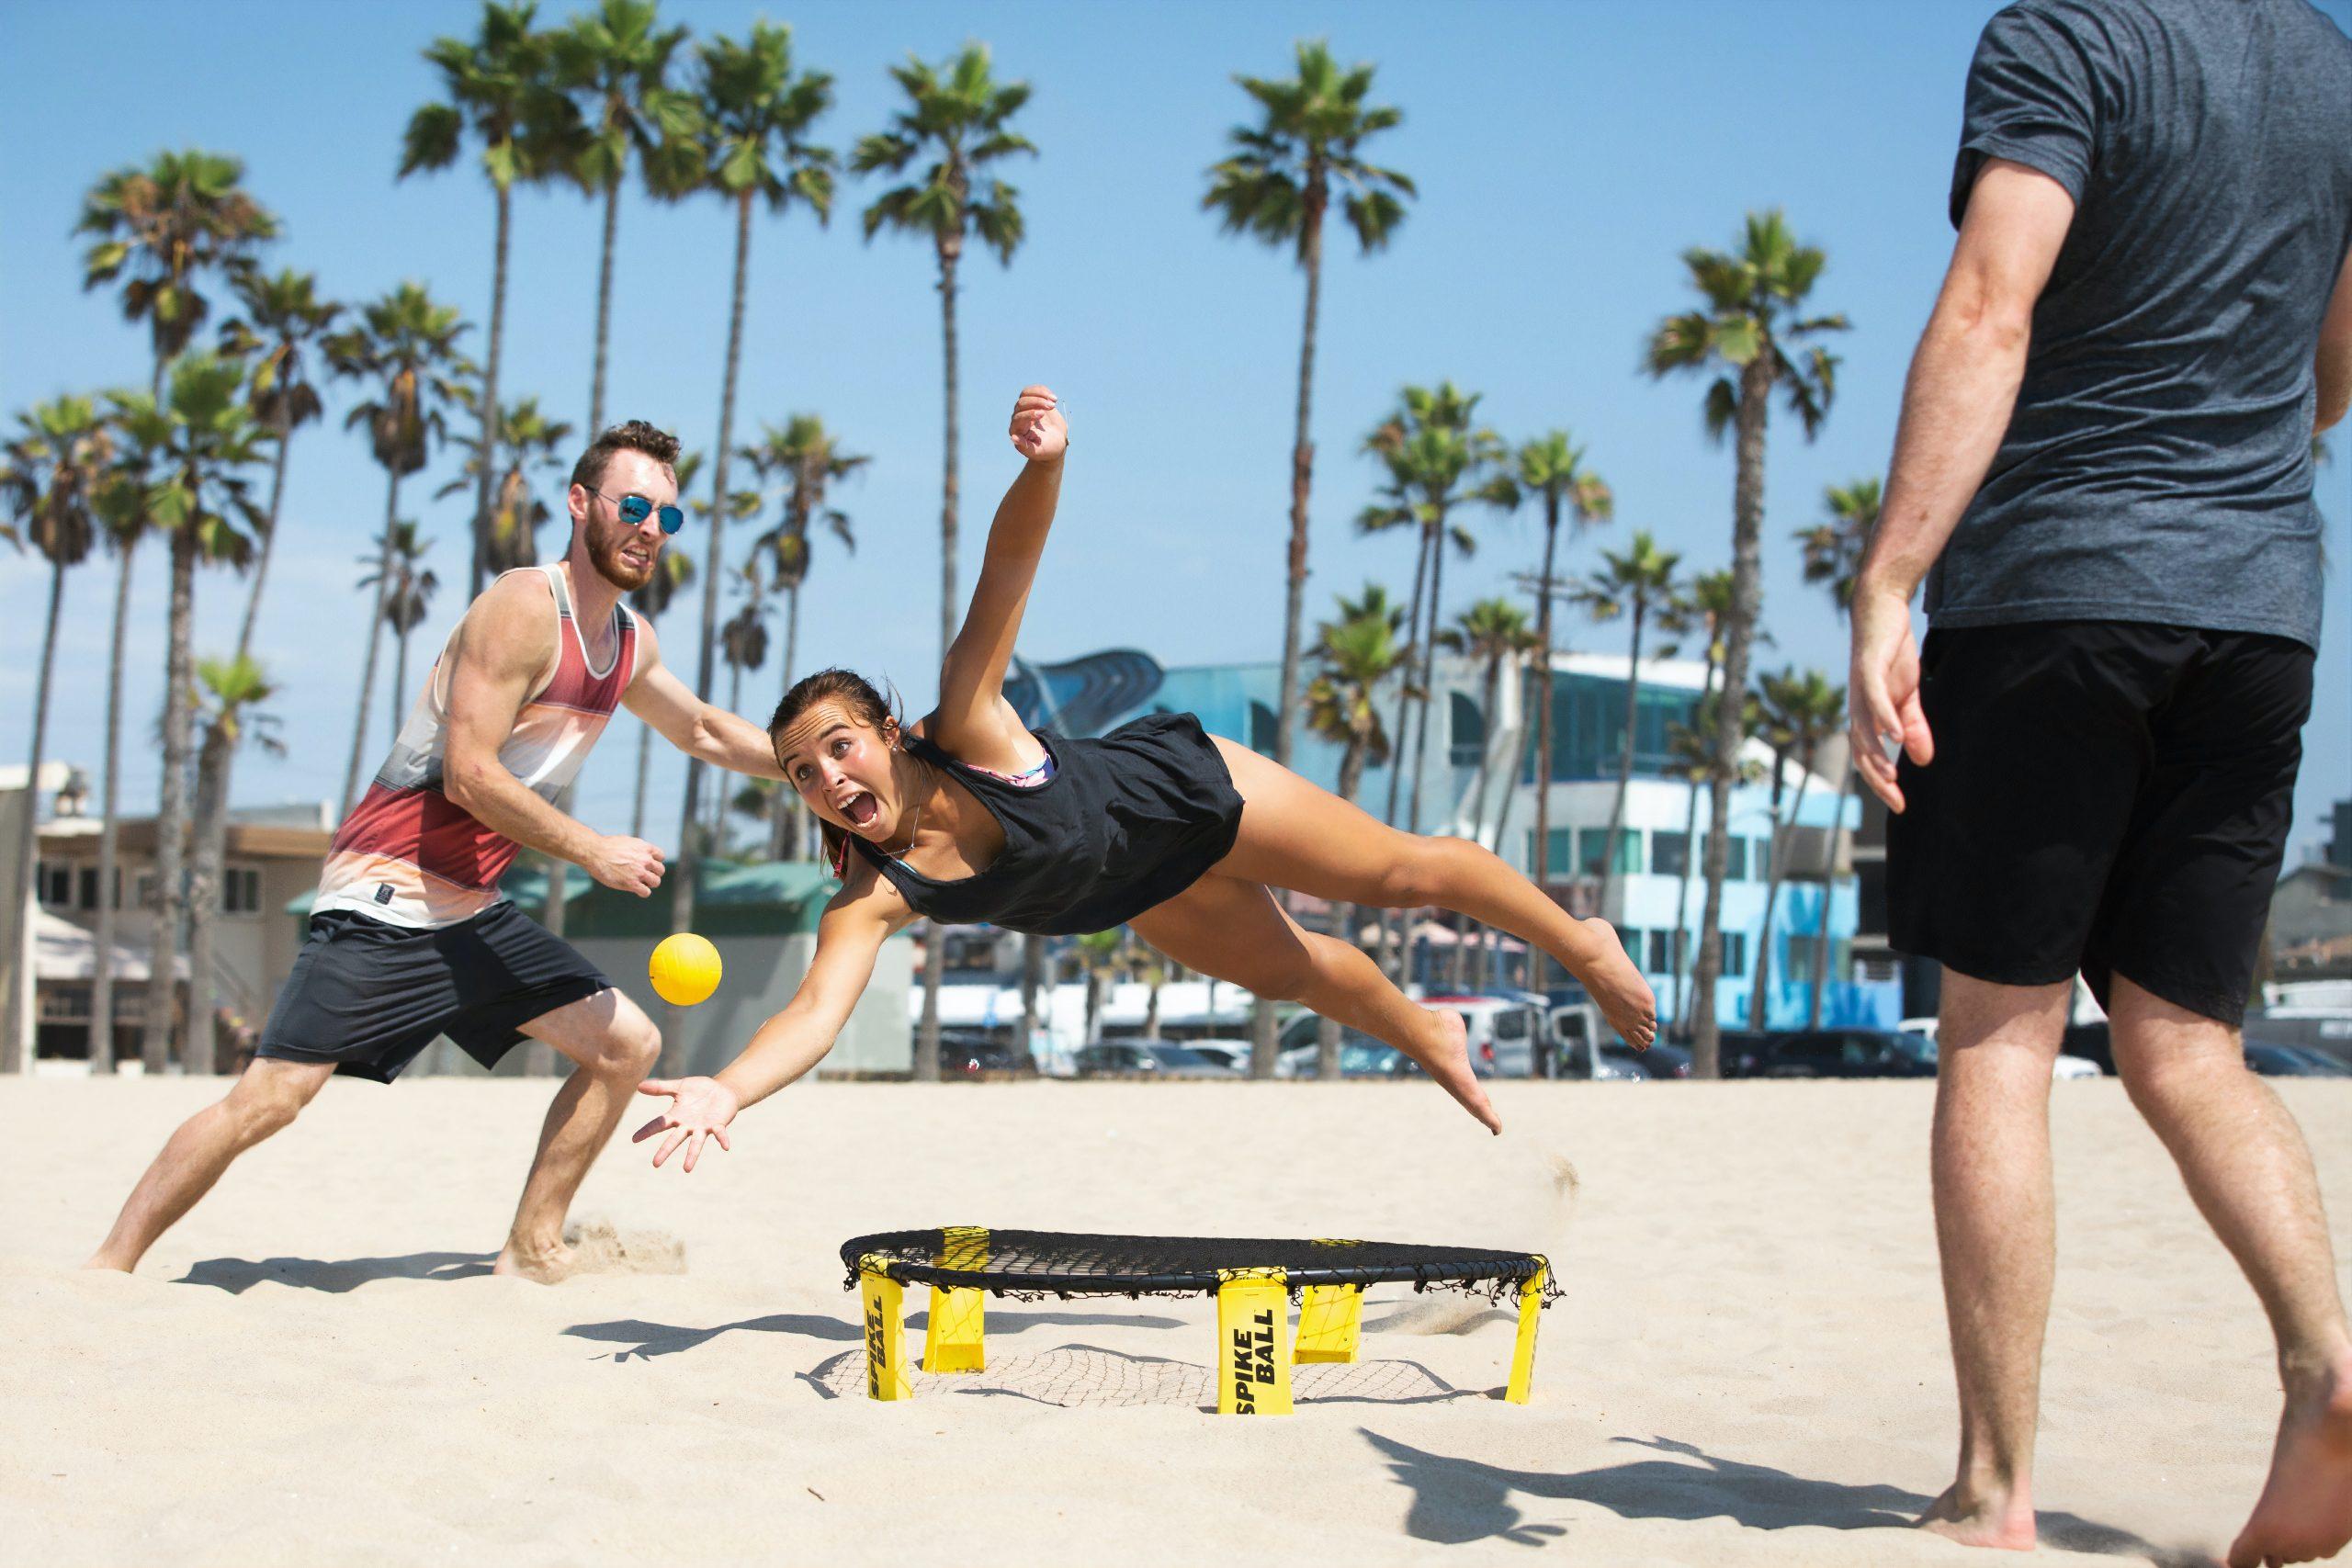 Girl diving for ball over Spikeball net on the beach